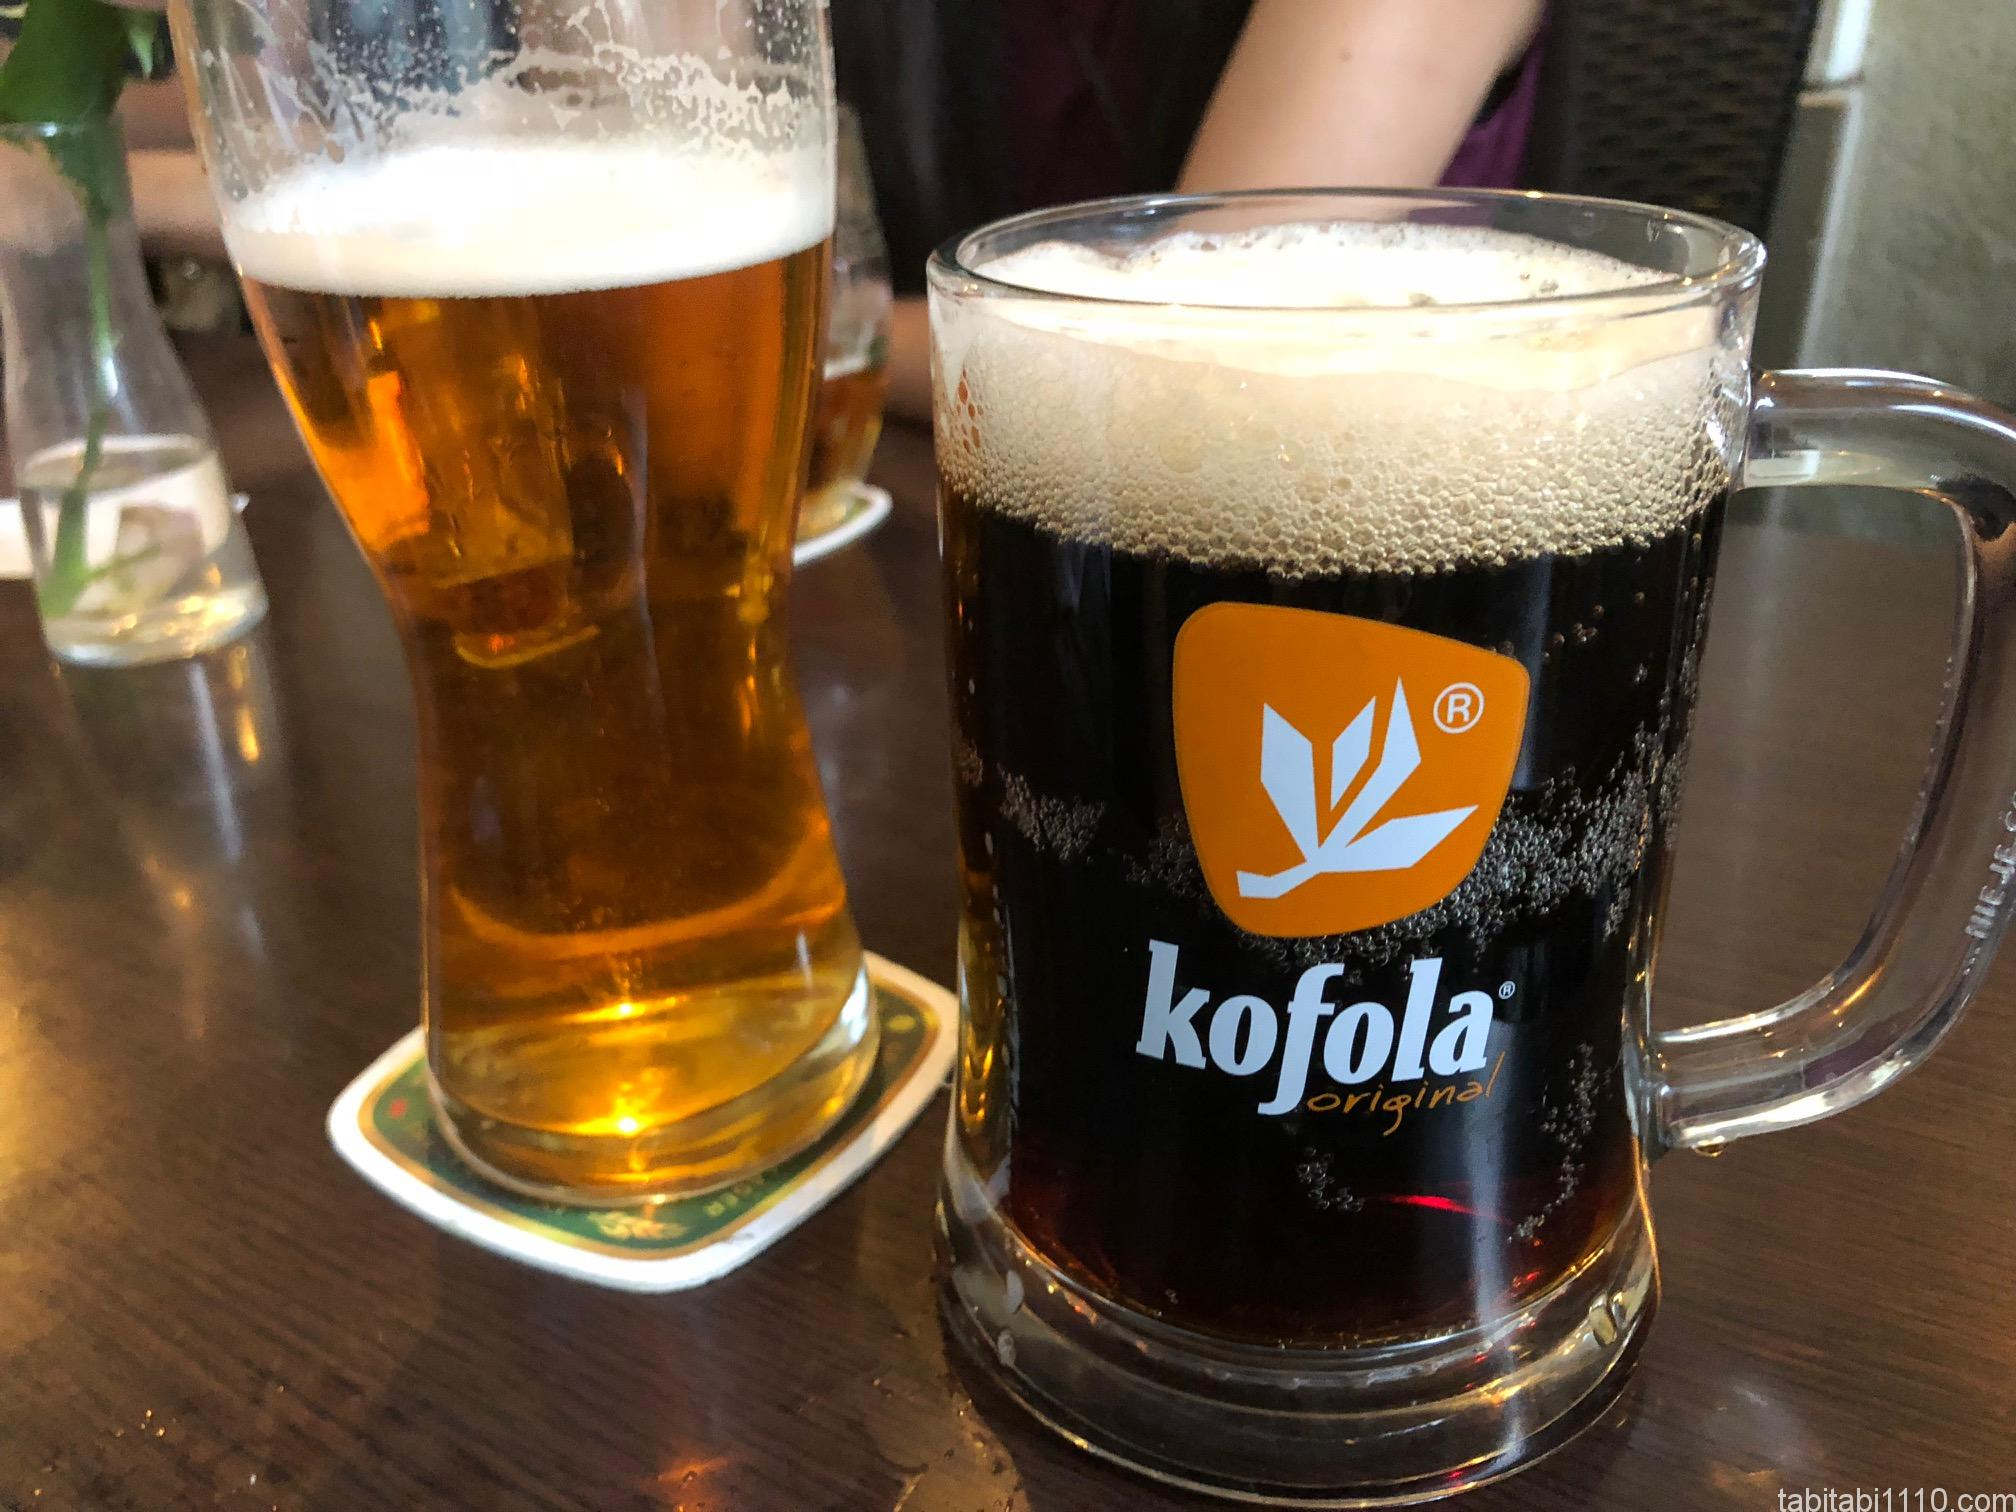 ブラチスラバ|ご当地ビールとご当地コーラ(コフォラ)